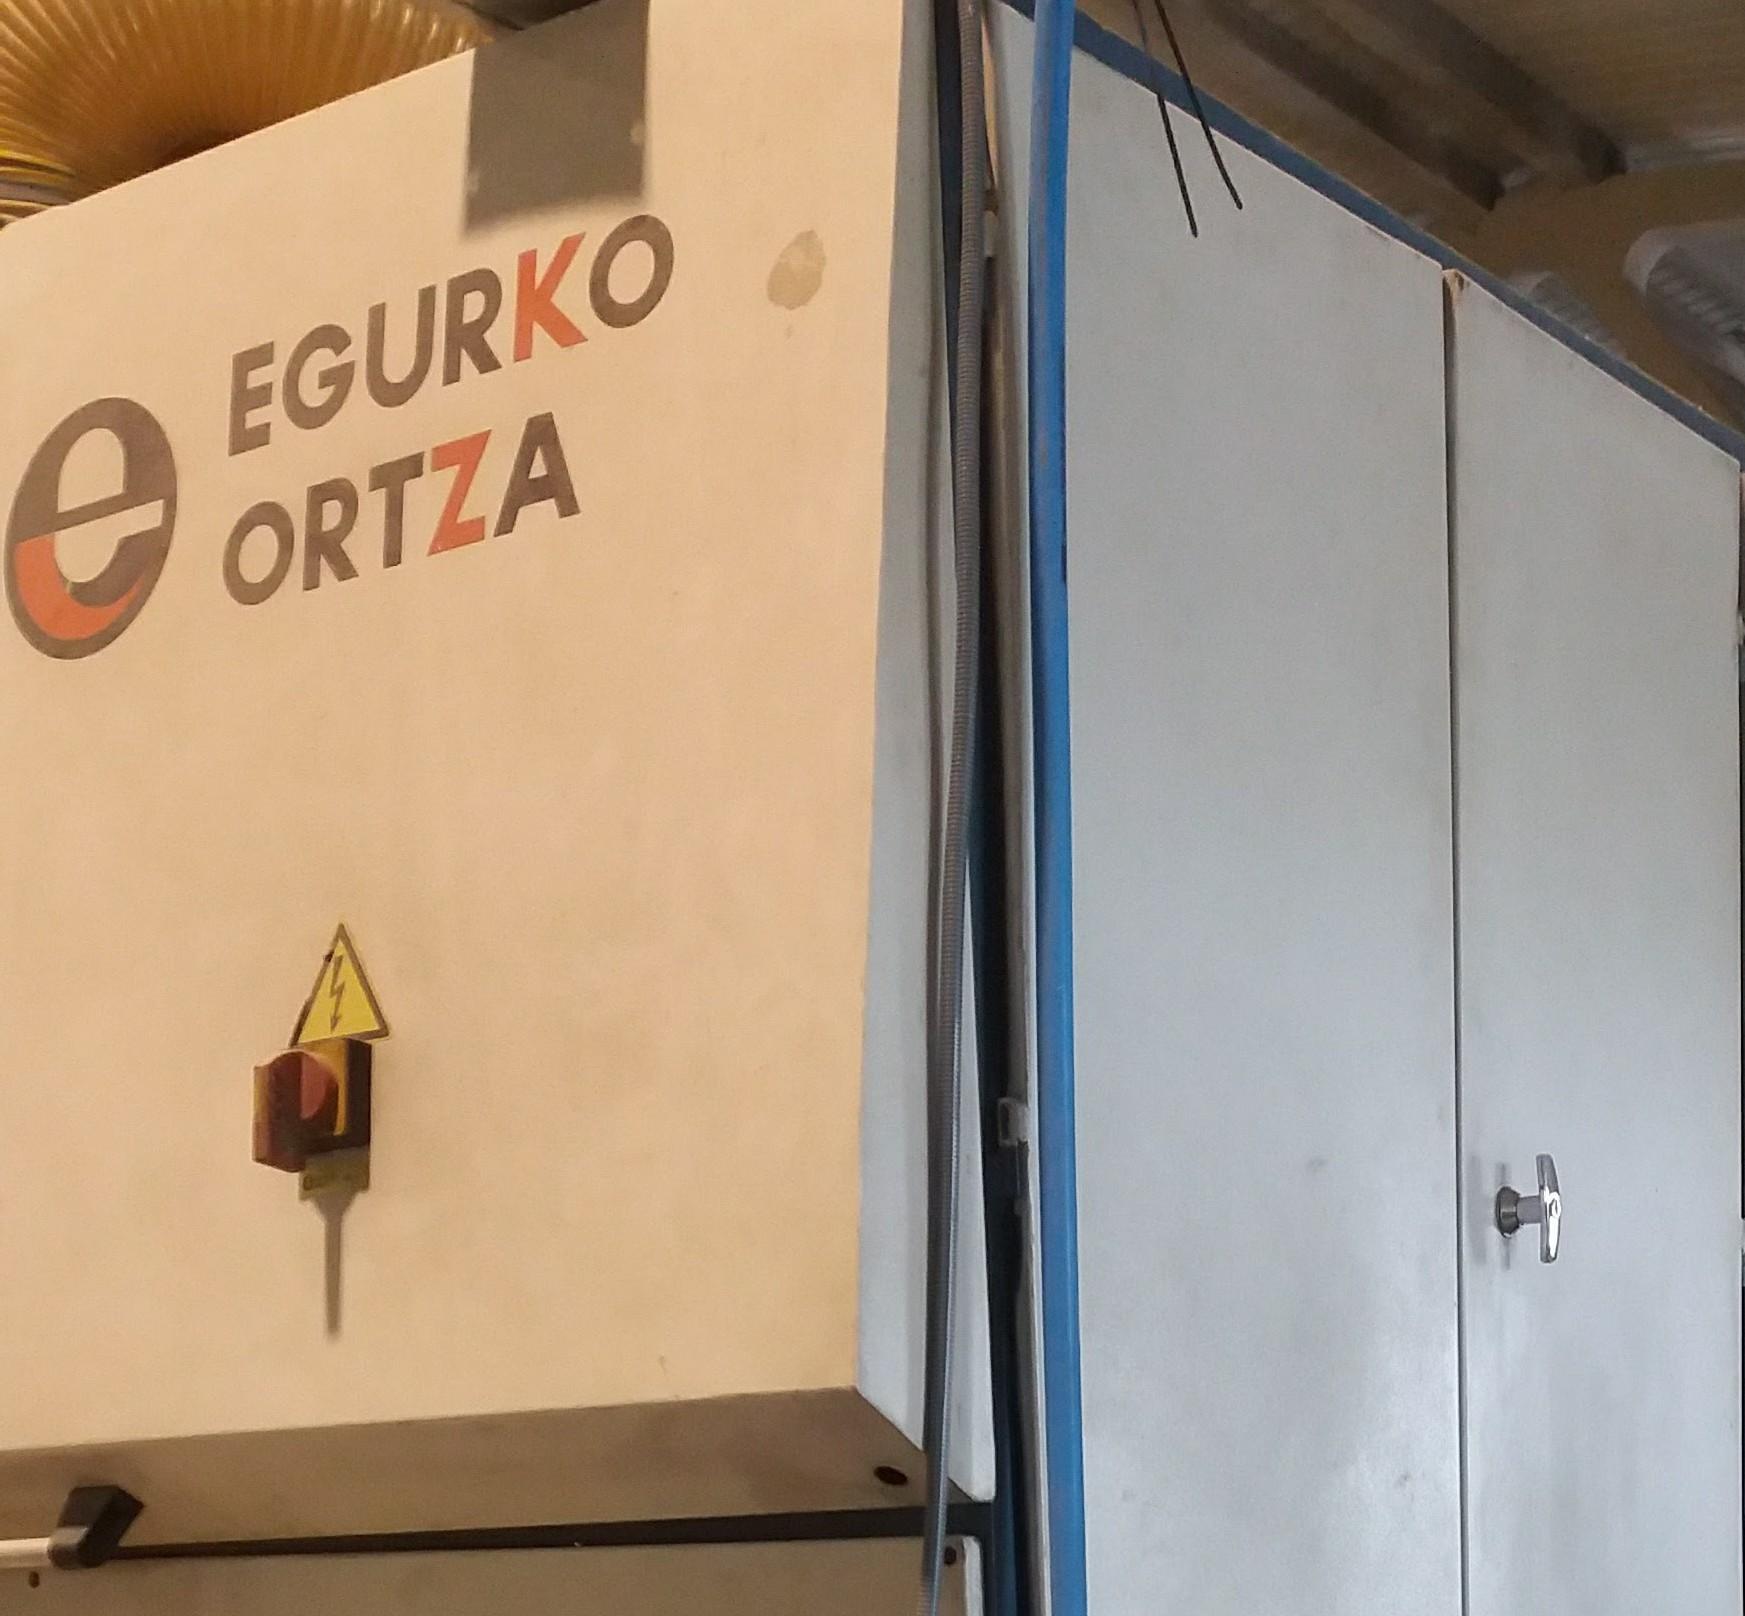 EGURKO spare parts